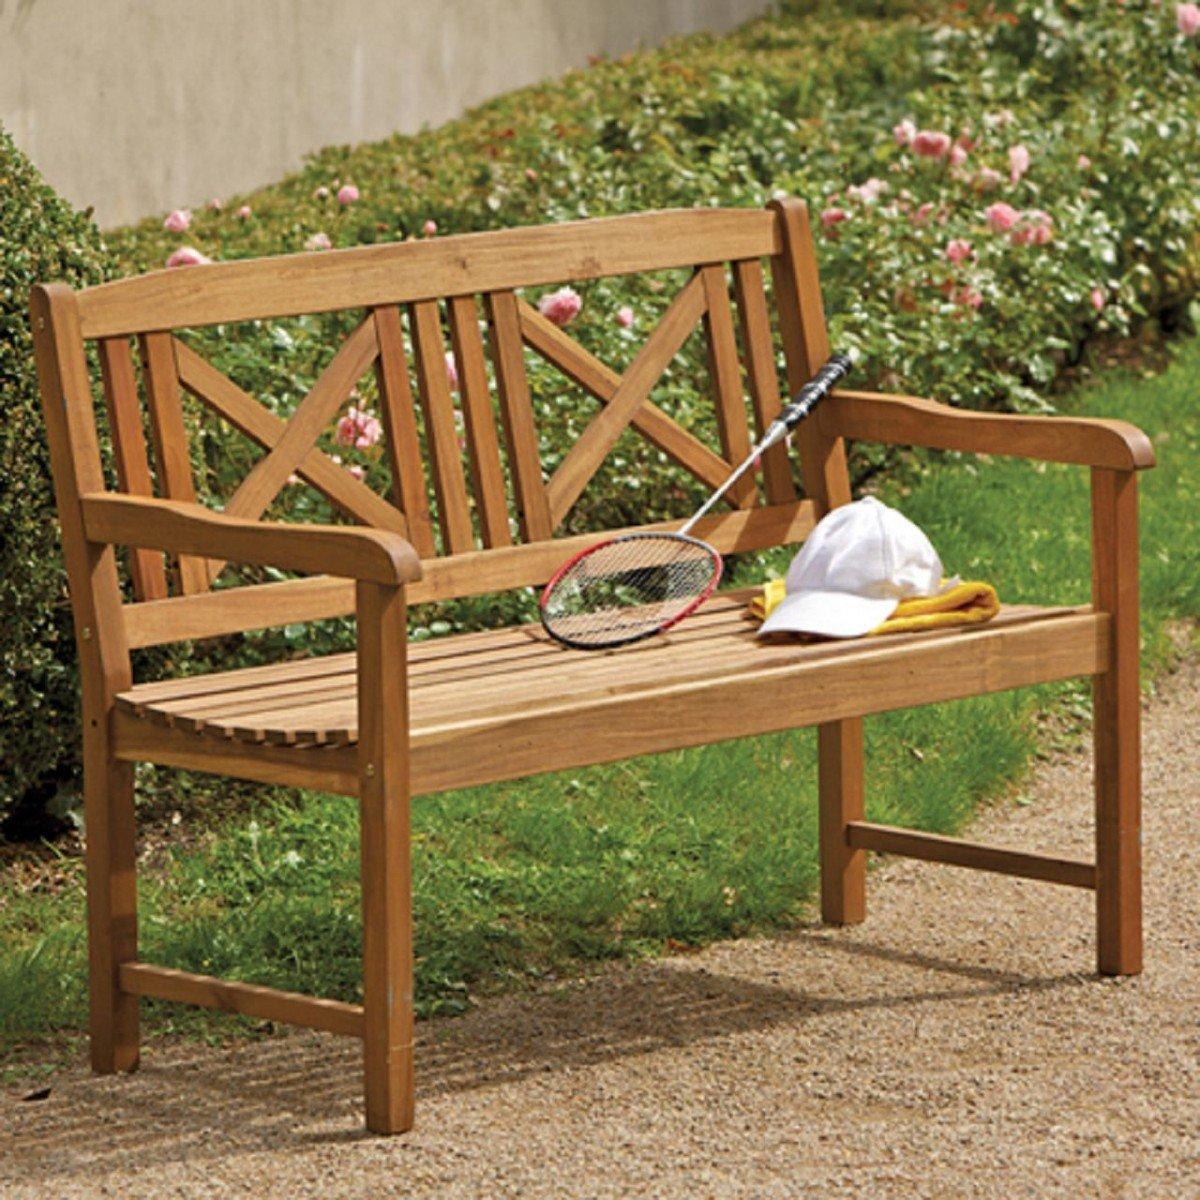 Dreams4Home Gartenbank 'Luca' - Sitzbank, Bank, Holzbank, Consul Garden, 2 Sitzer B/T/H: 112 x 48 x 44 cm, 3 Sitzer B/T/H: 142 x 48,5 x 44 cm, geöltes Akazienholz, Zinkbeschläge, Gartenmöbel, Terrasse, Balkon, Outdoor, geölt, Ausführung:2-Sitzer